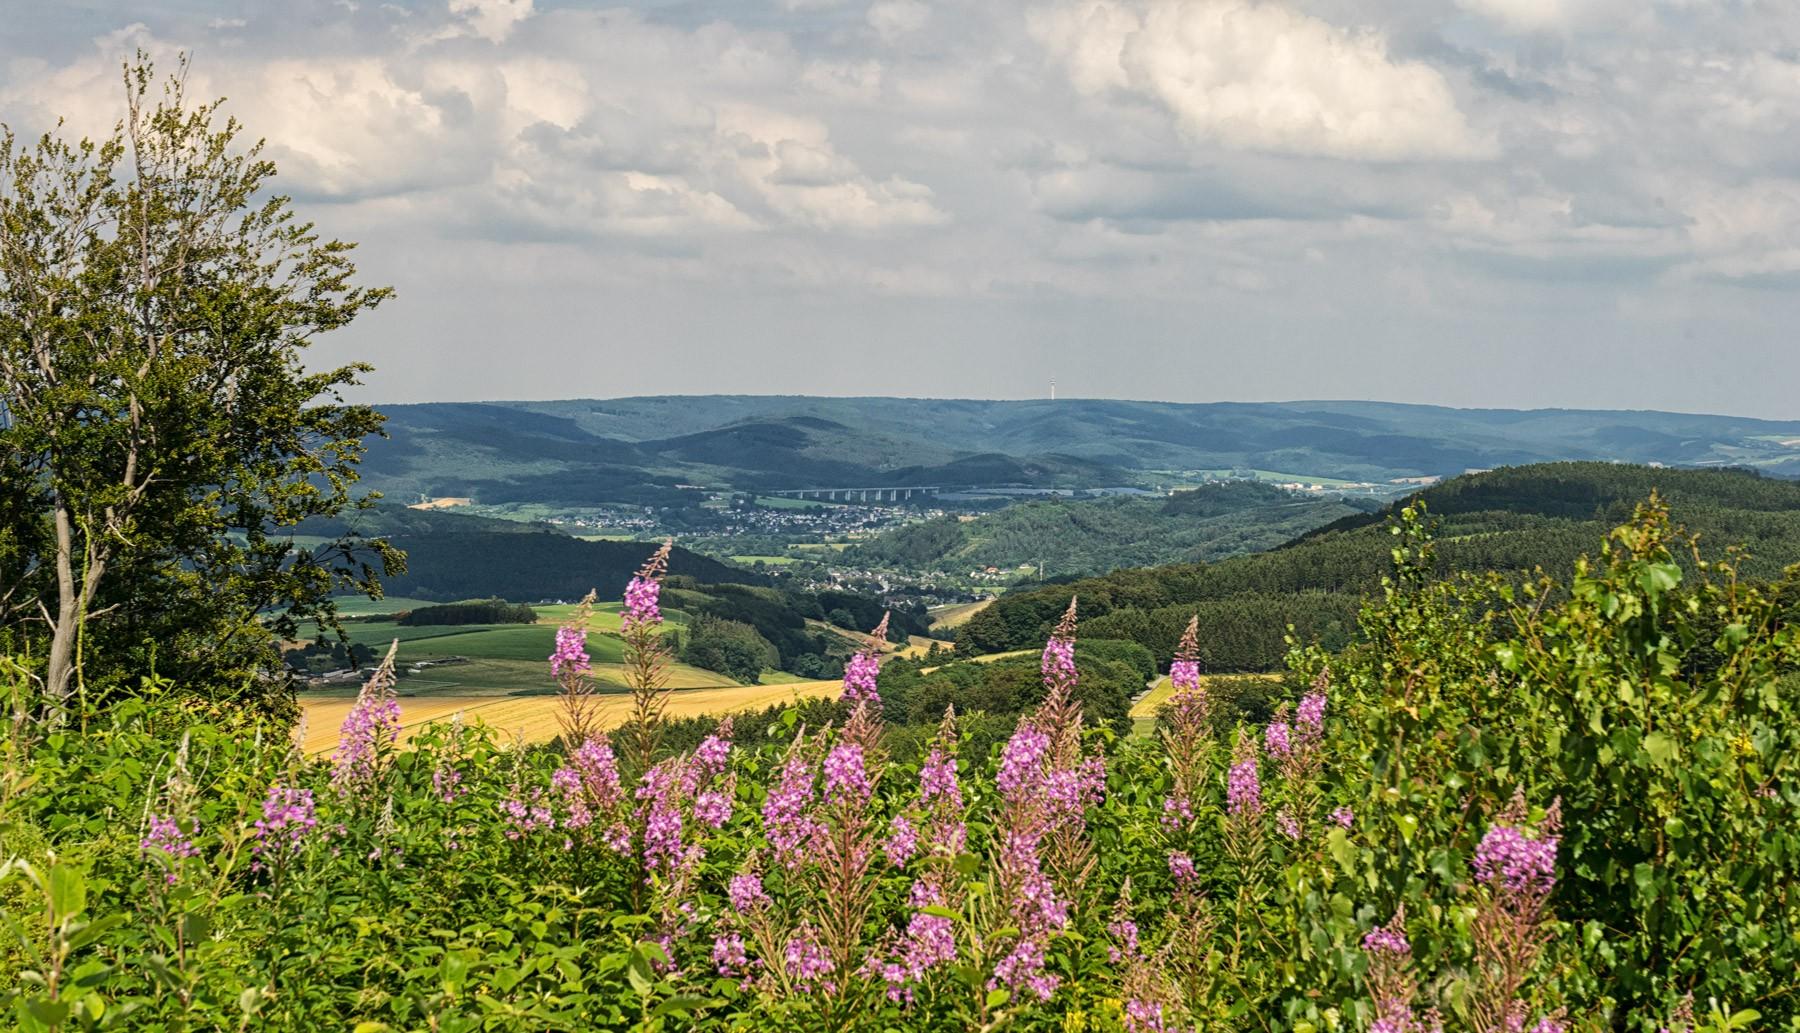 Altenhellefeld im Sauerland